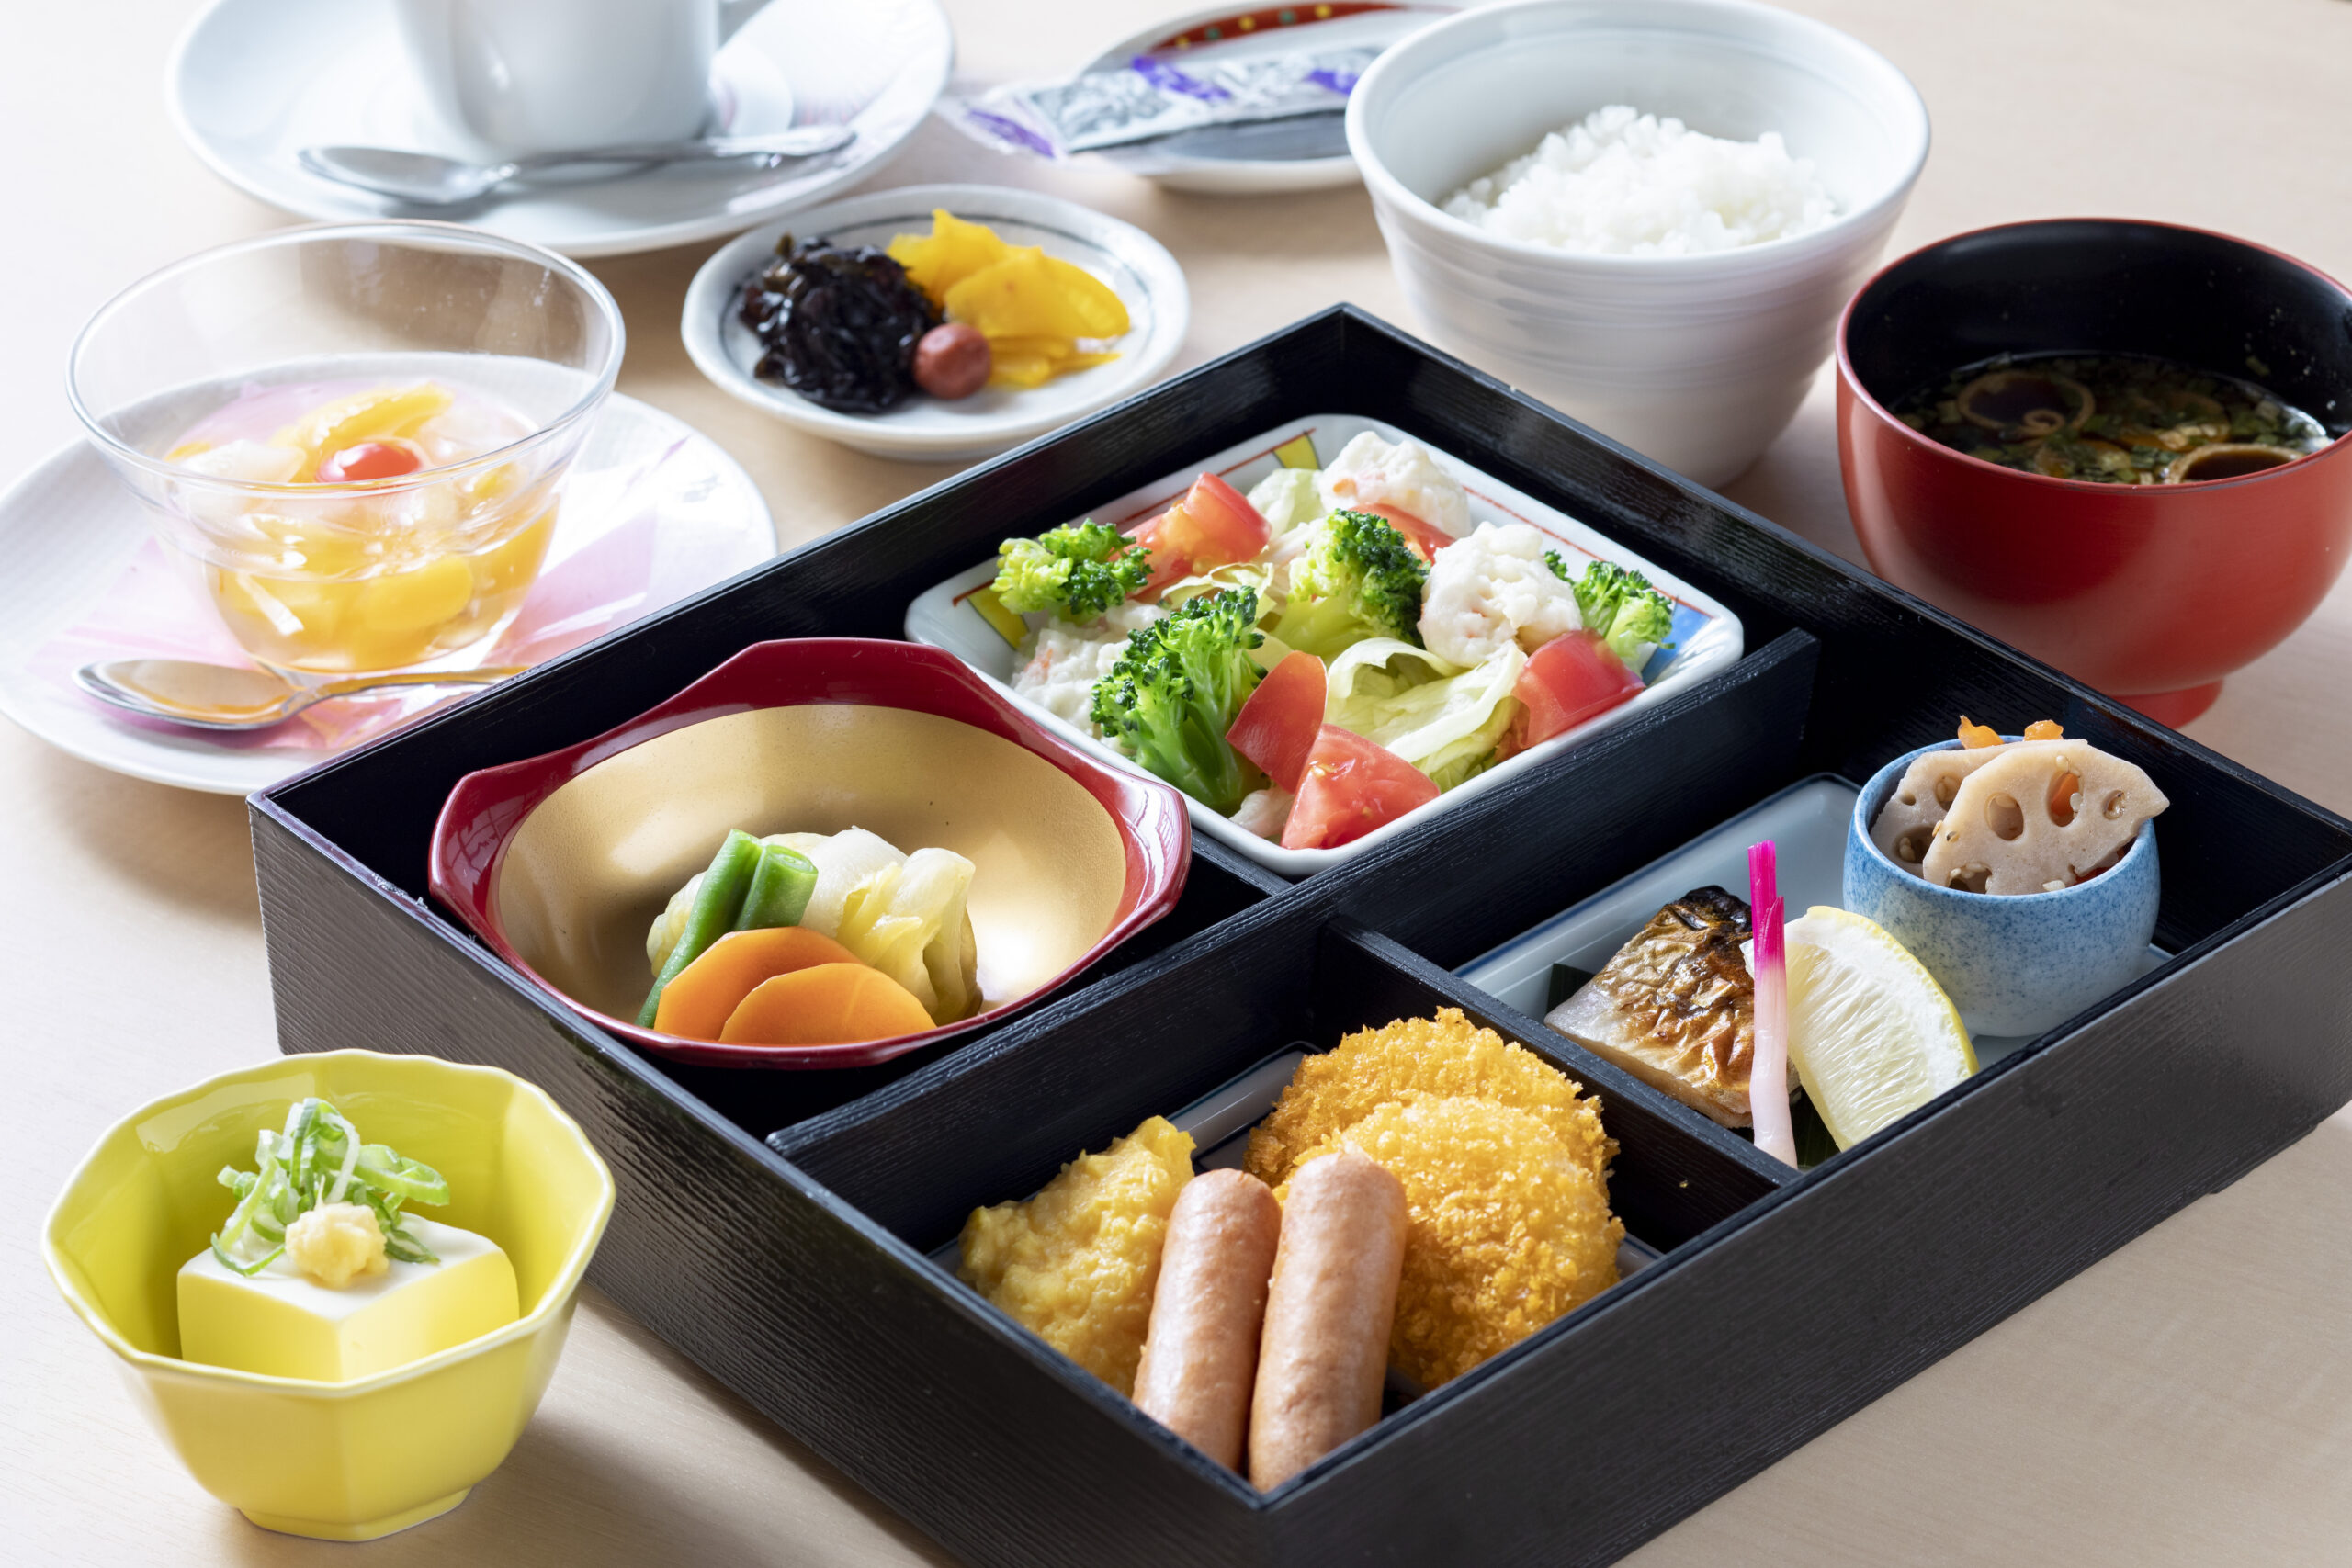 絶対コスパ宣言!ご朝食付き特別プラン【朝食付】